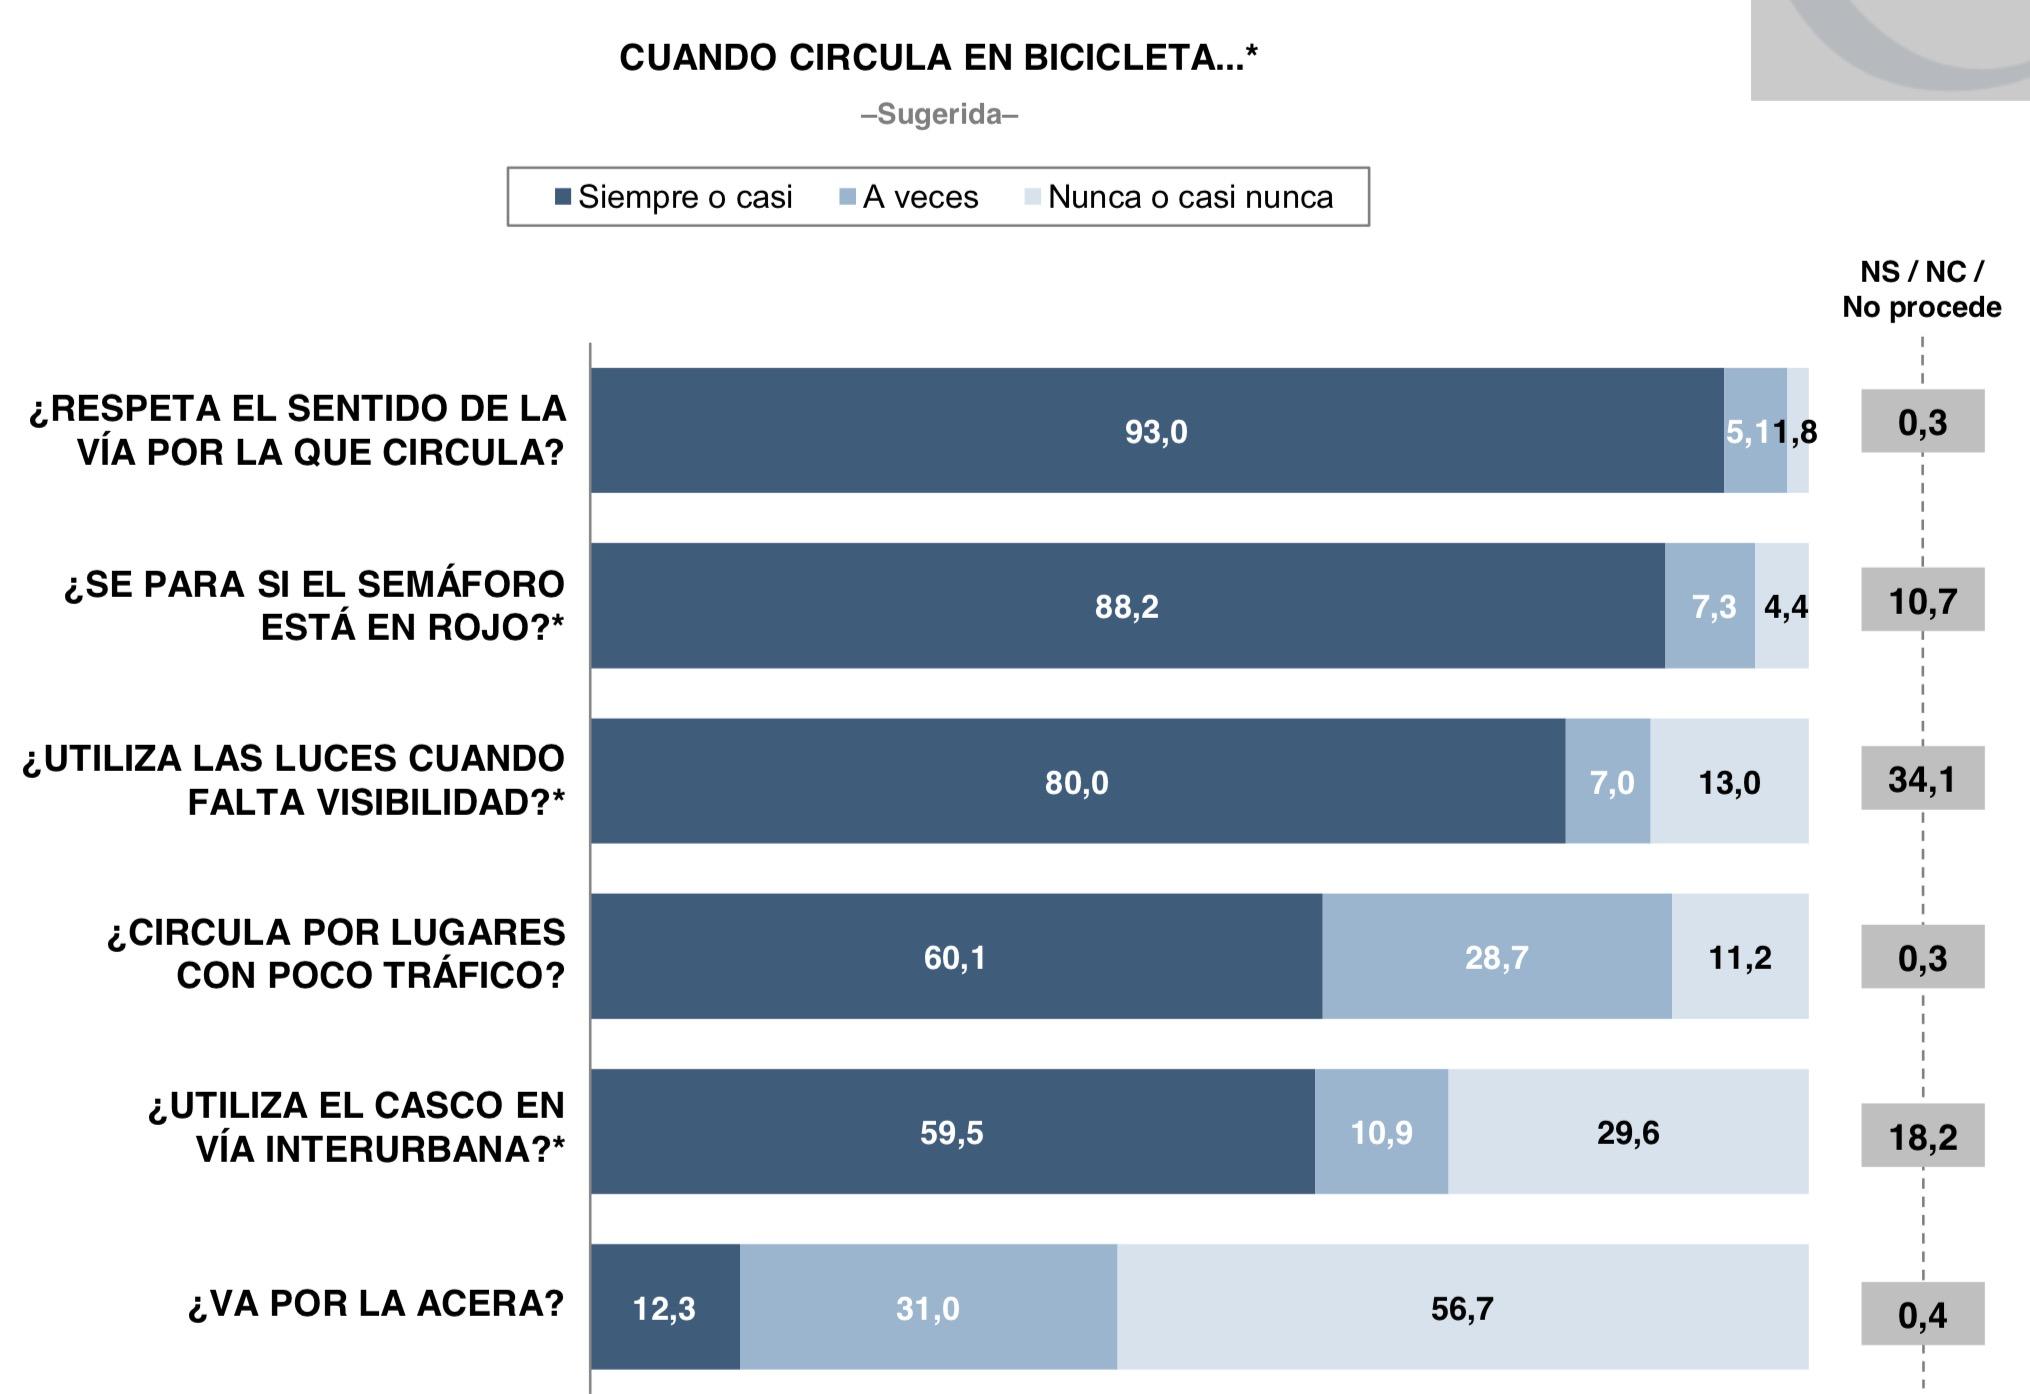 Estadística de ciclistas que dicen respetar las normas de circulación.  93%